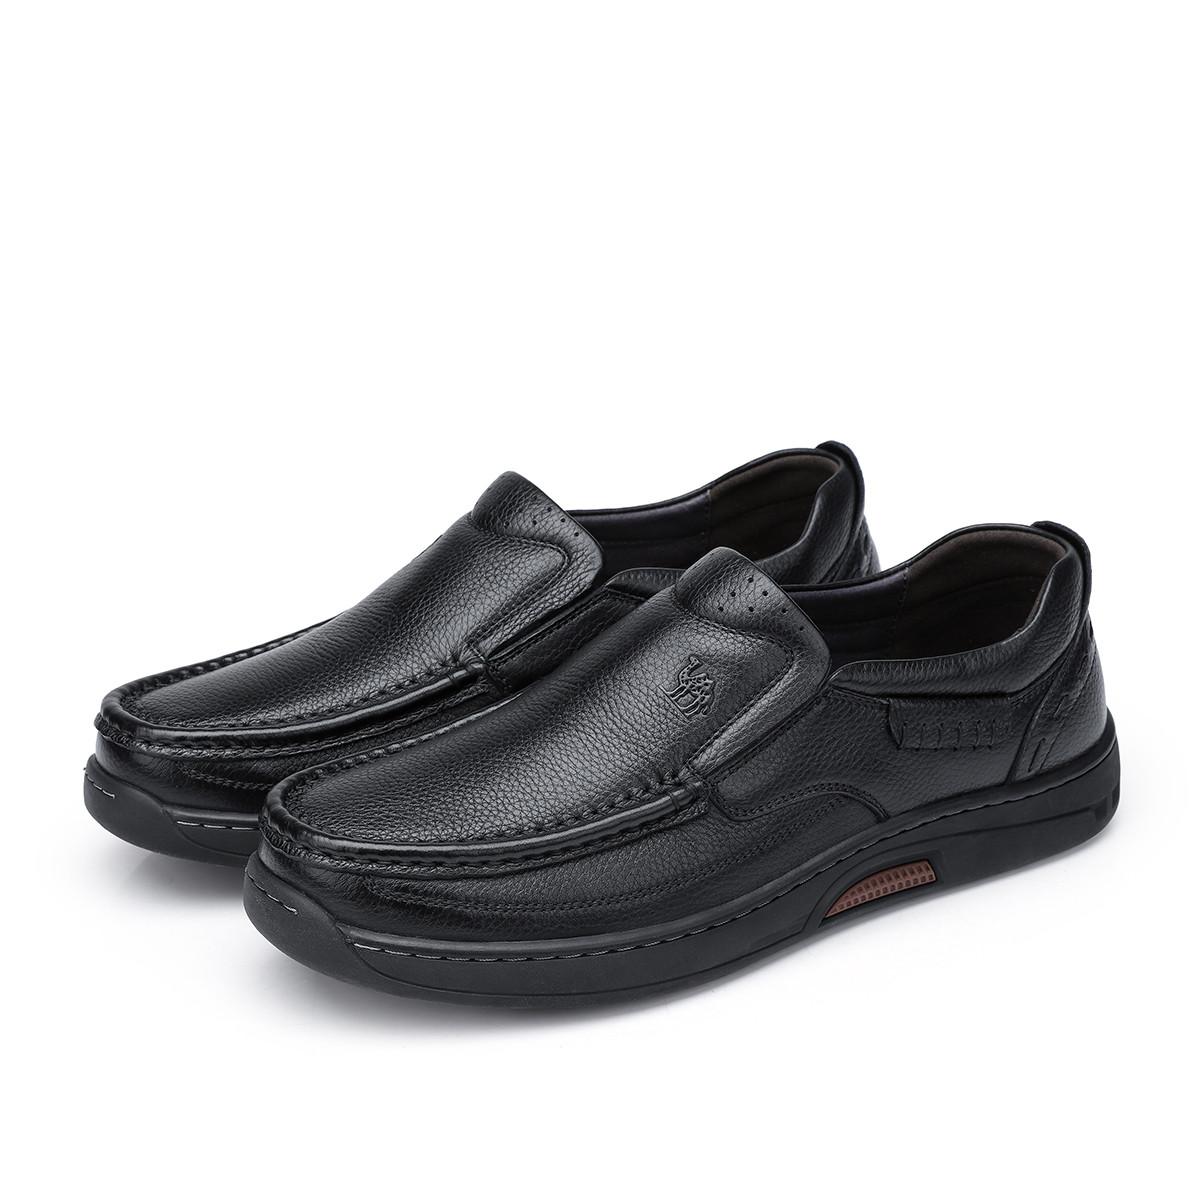 骆驼2019 男款商务休闲鞋司机鞋/驾车鞋舒适轻奢弹性套脚爸爸鞋90826063932820HE